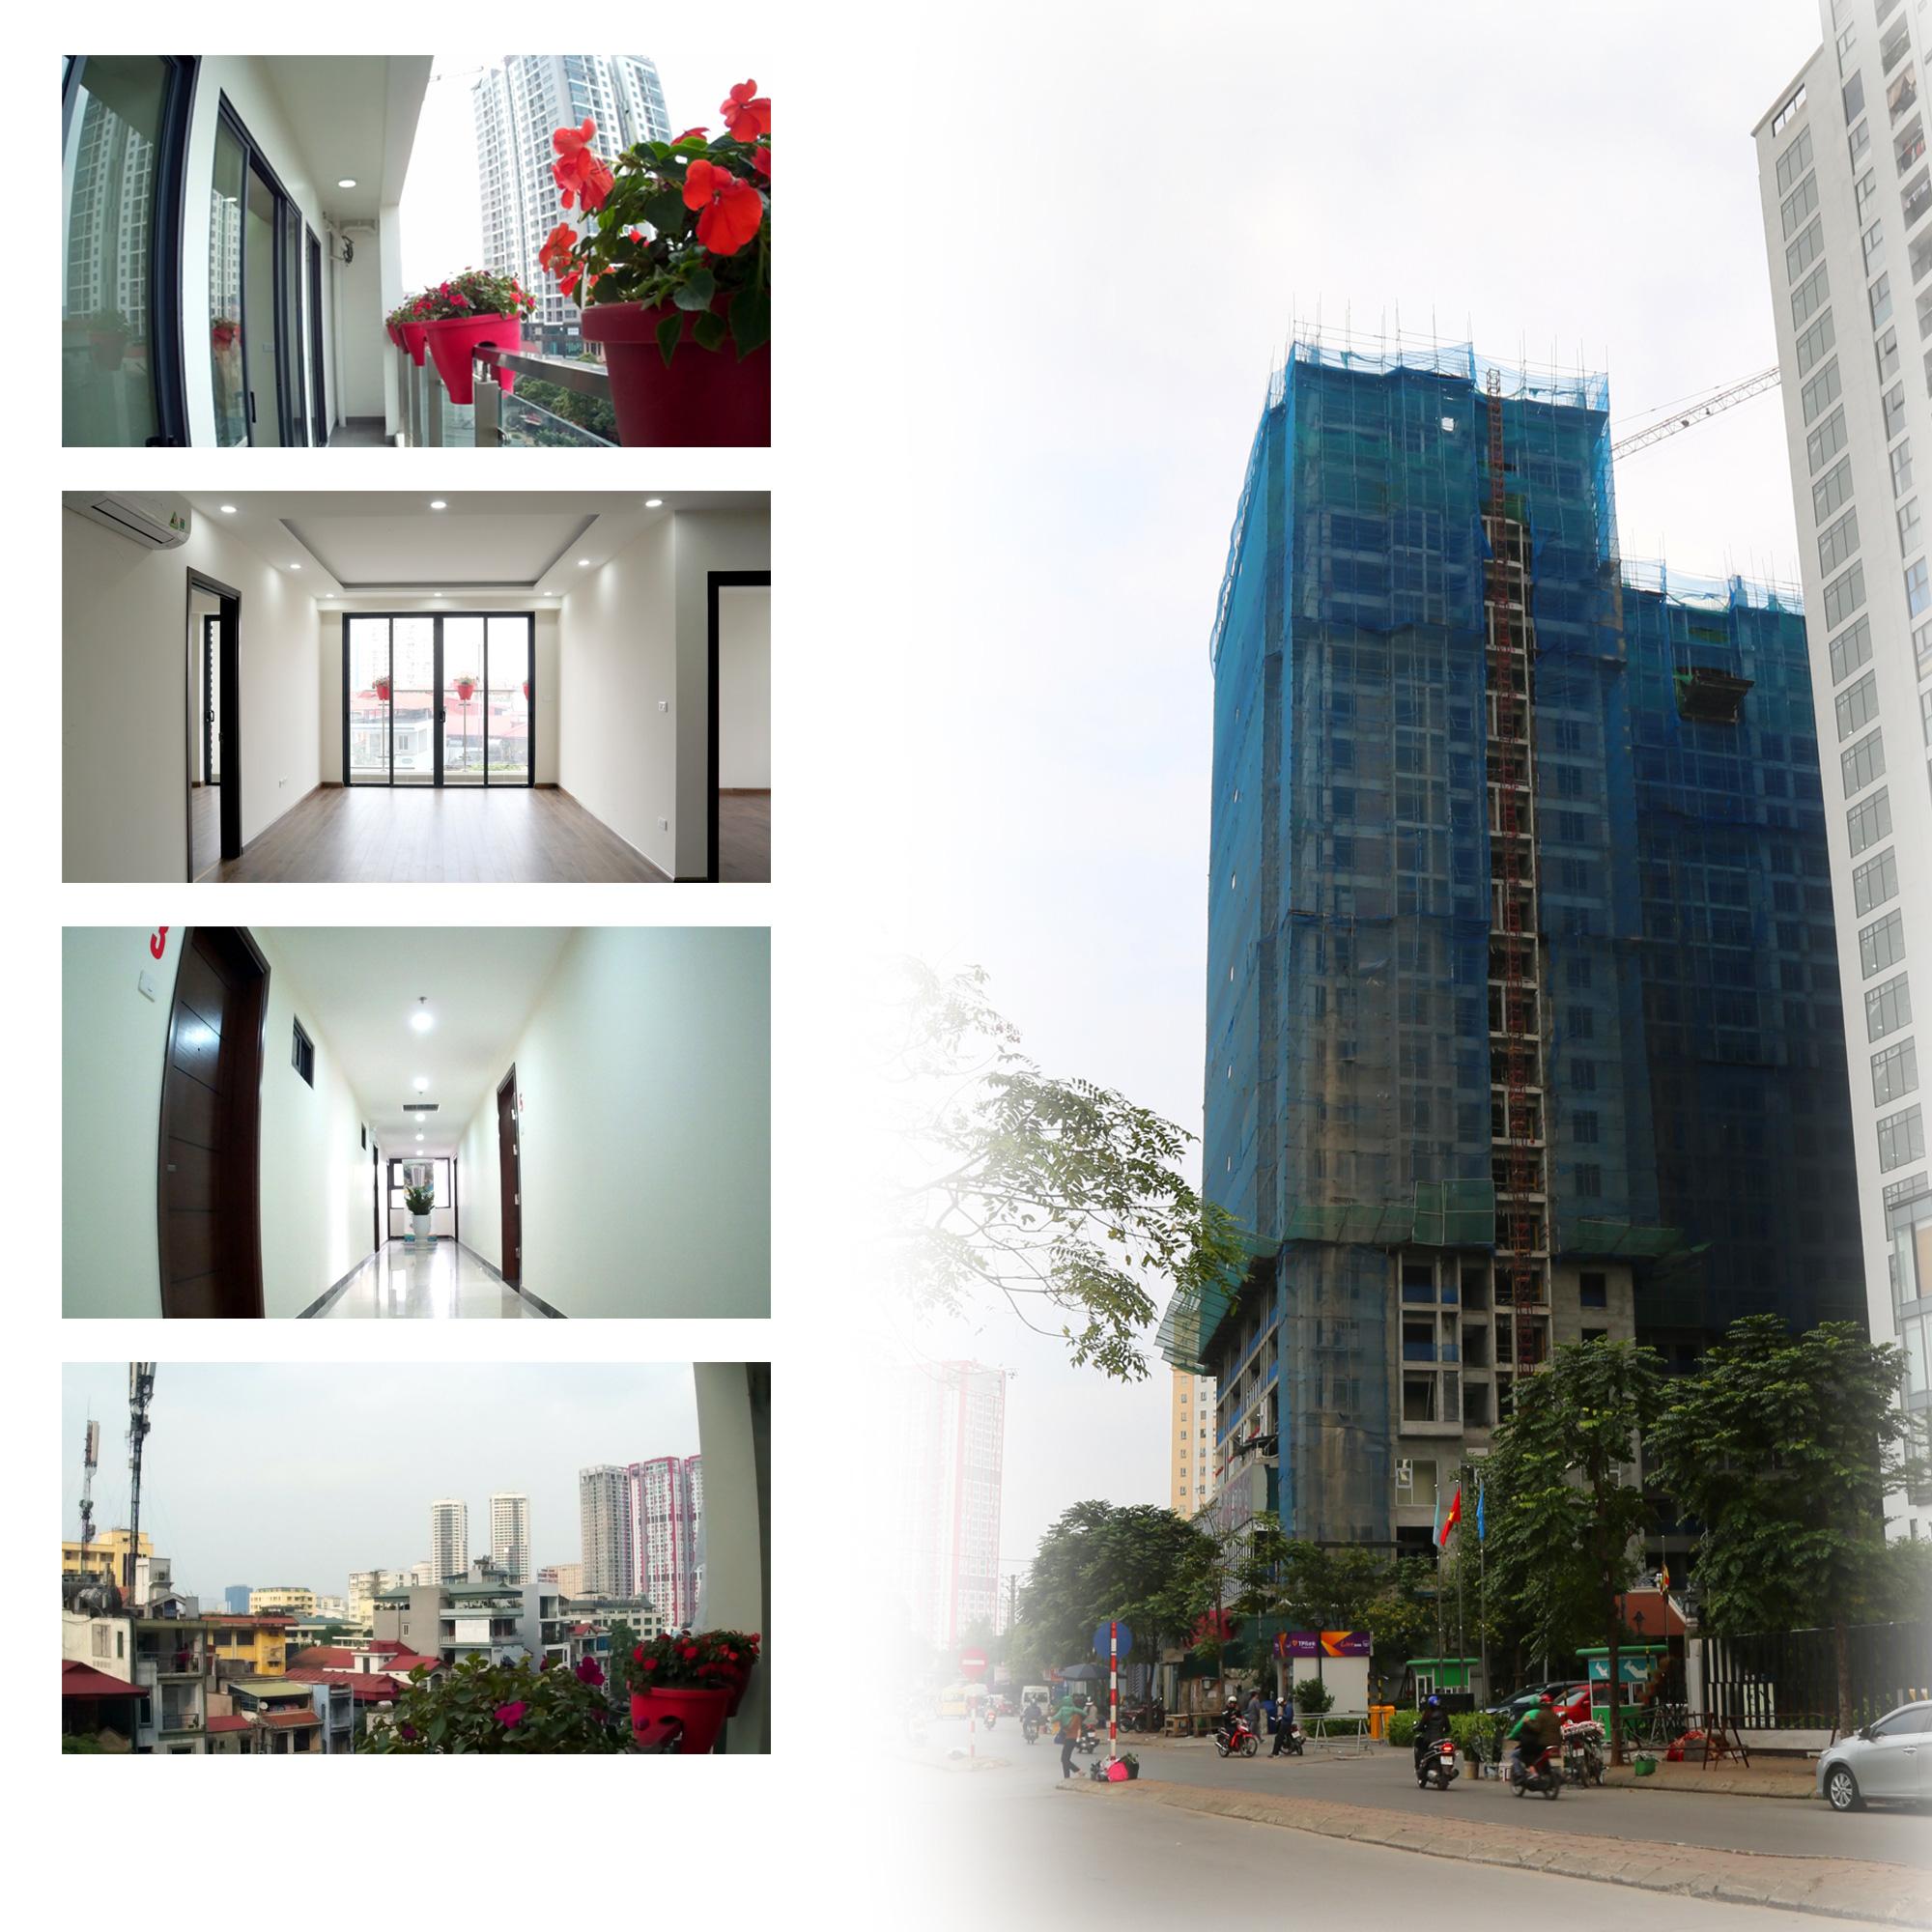 Dự án An Bình Plaza đang mở bán ở Hà Nội: 'Nhất cận thị', lô gia chạy dài qua các phòng - Ảnh 1.